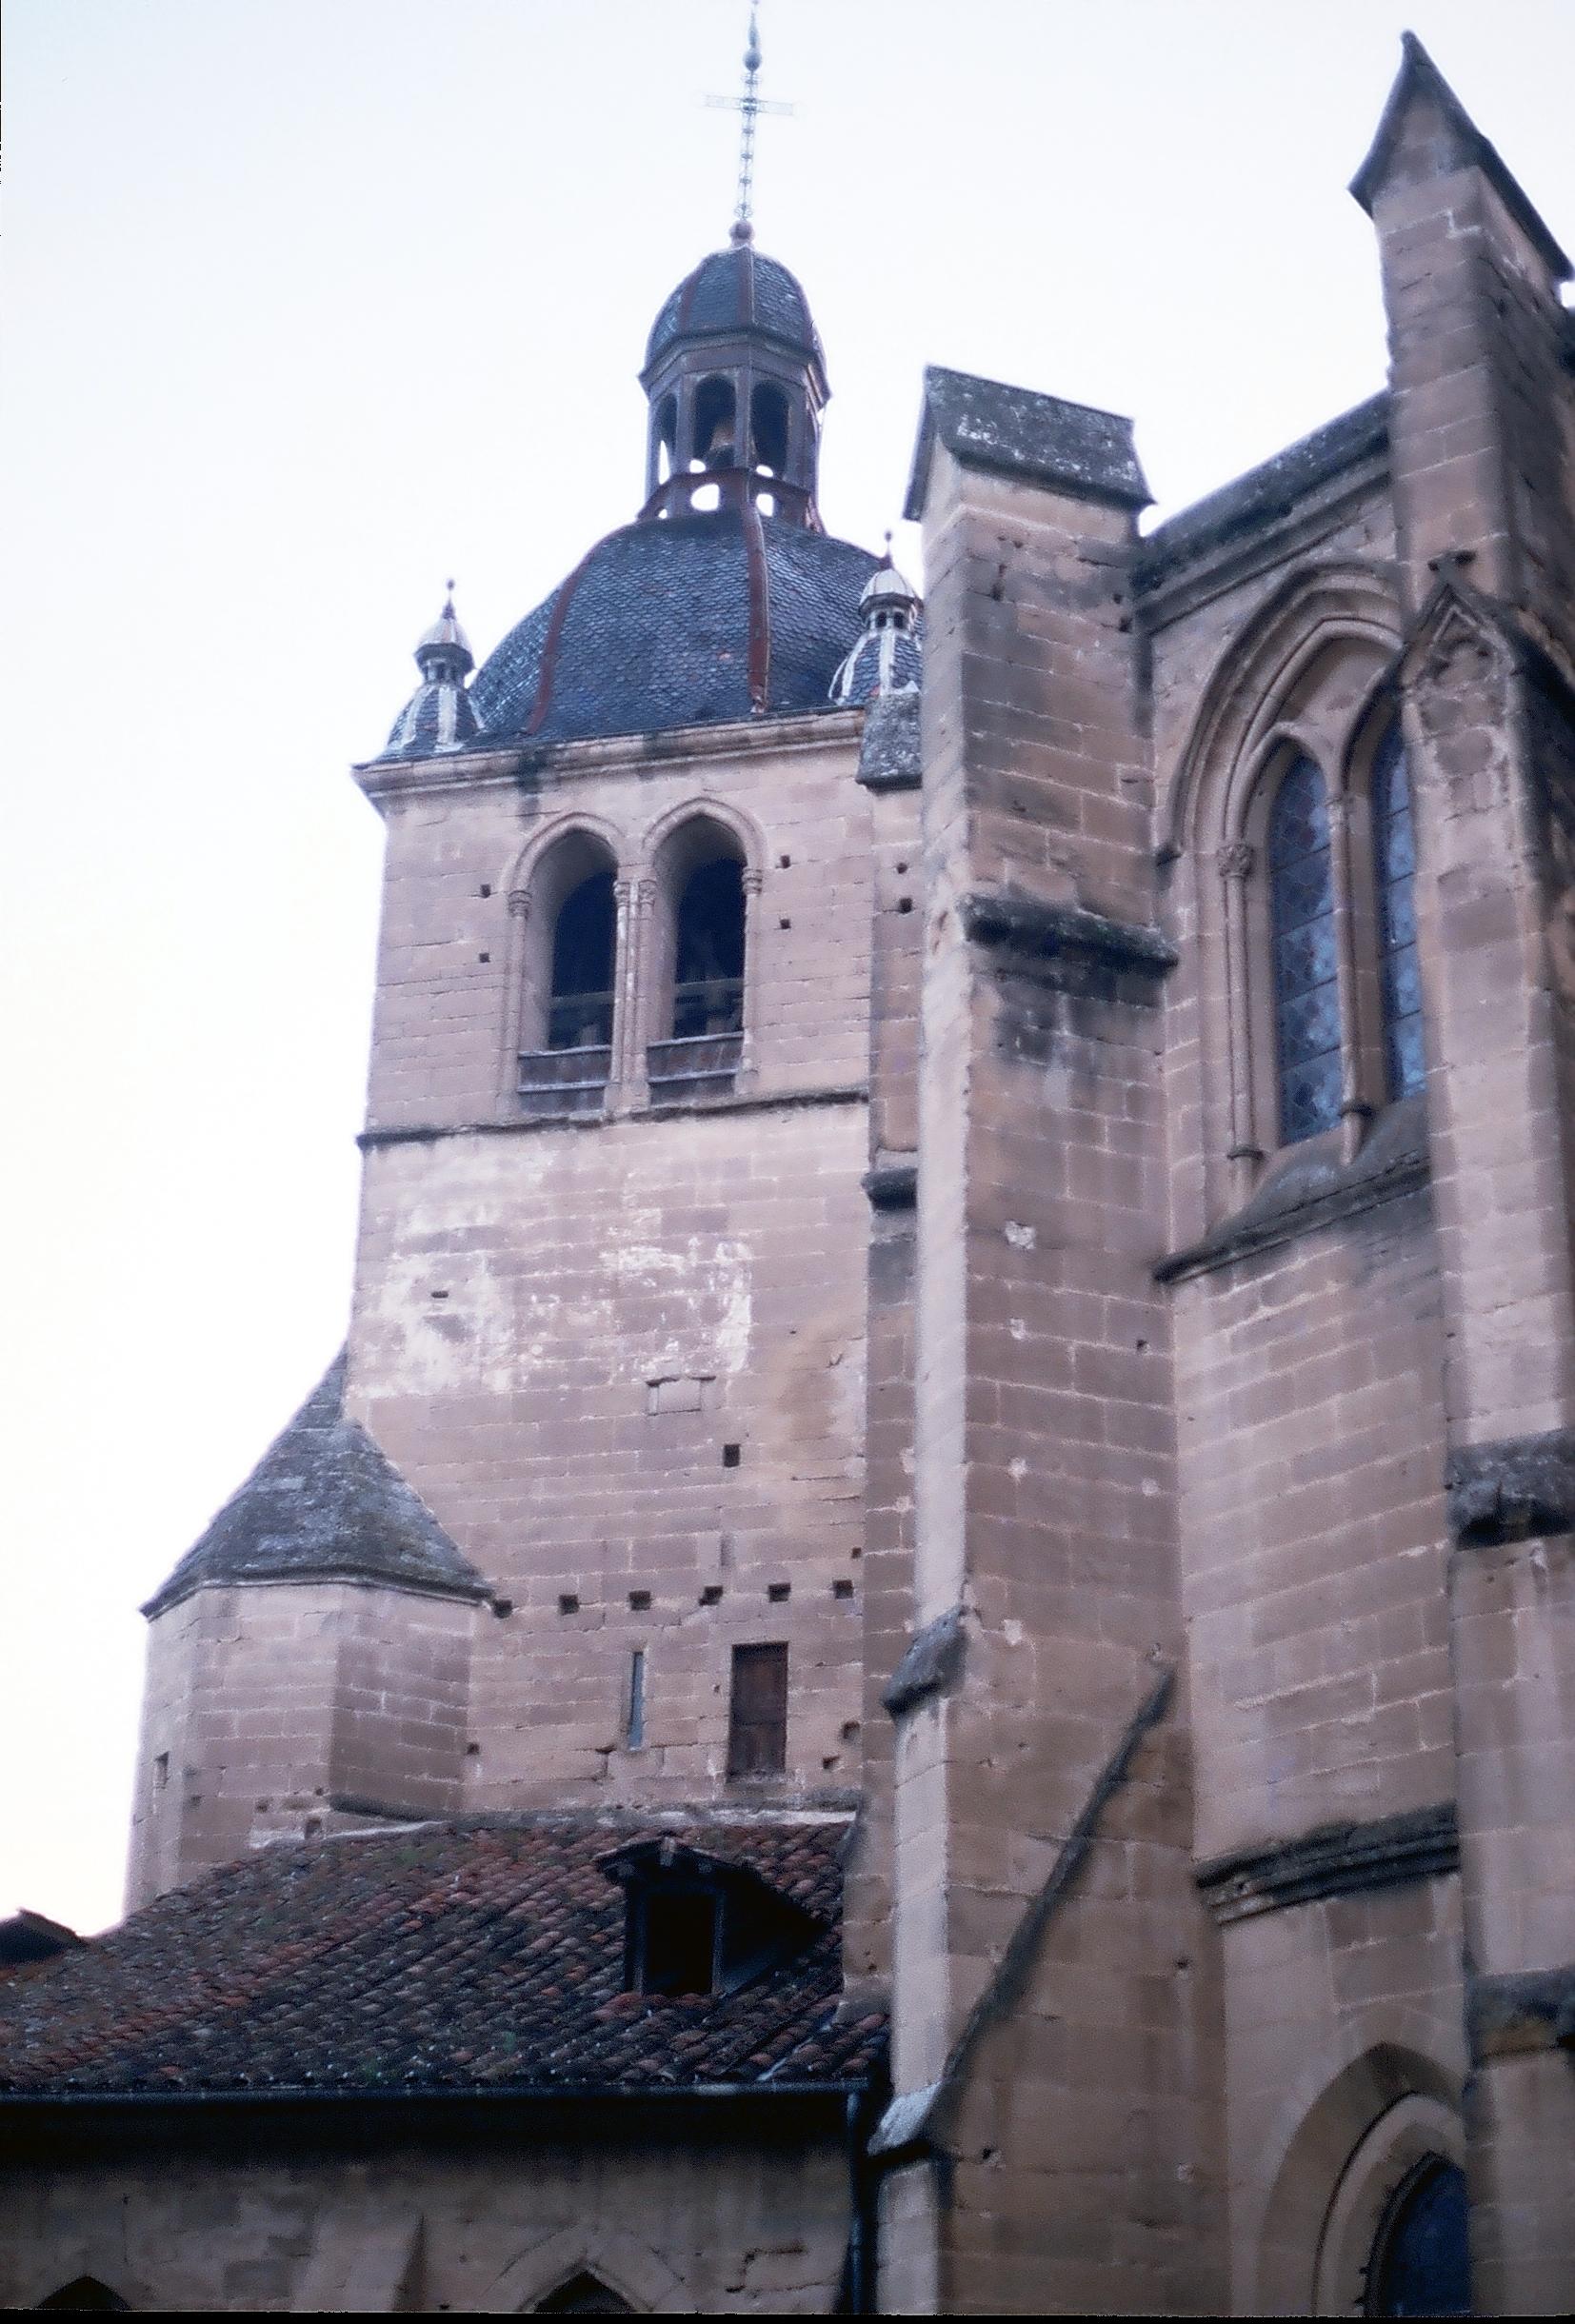 Narbonne Version 3 1: File:Clocher De L'Abbatiale Côté Est, St-Antoine.jpg